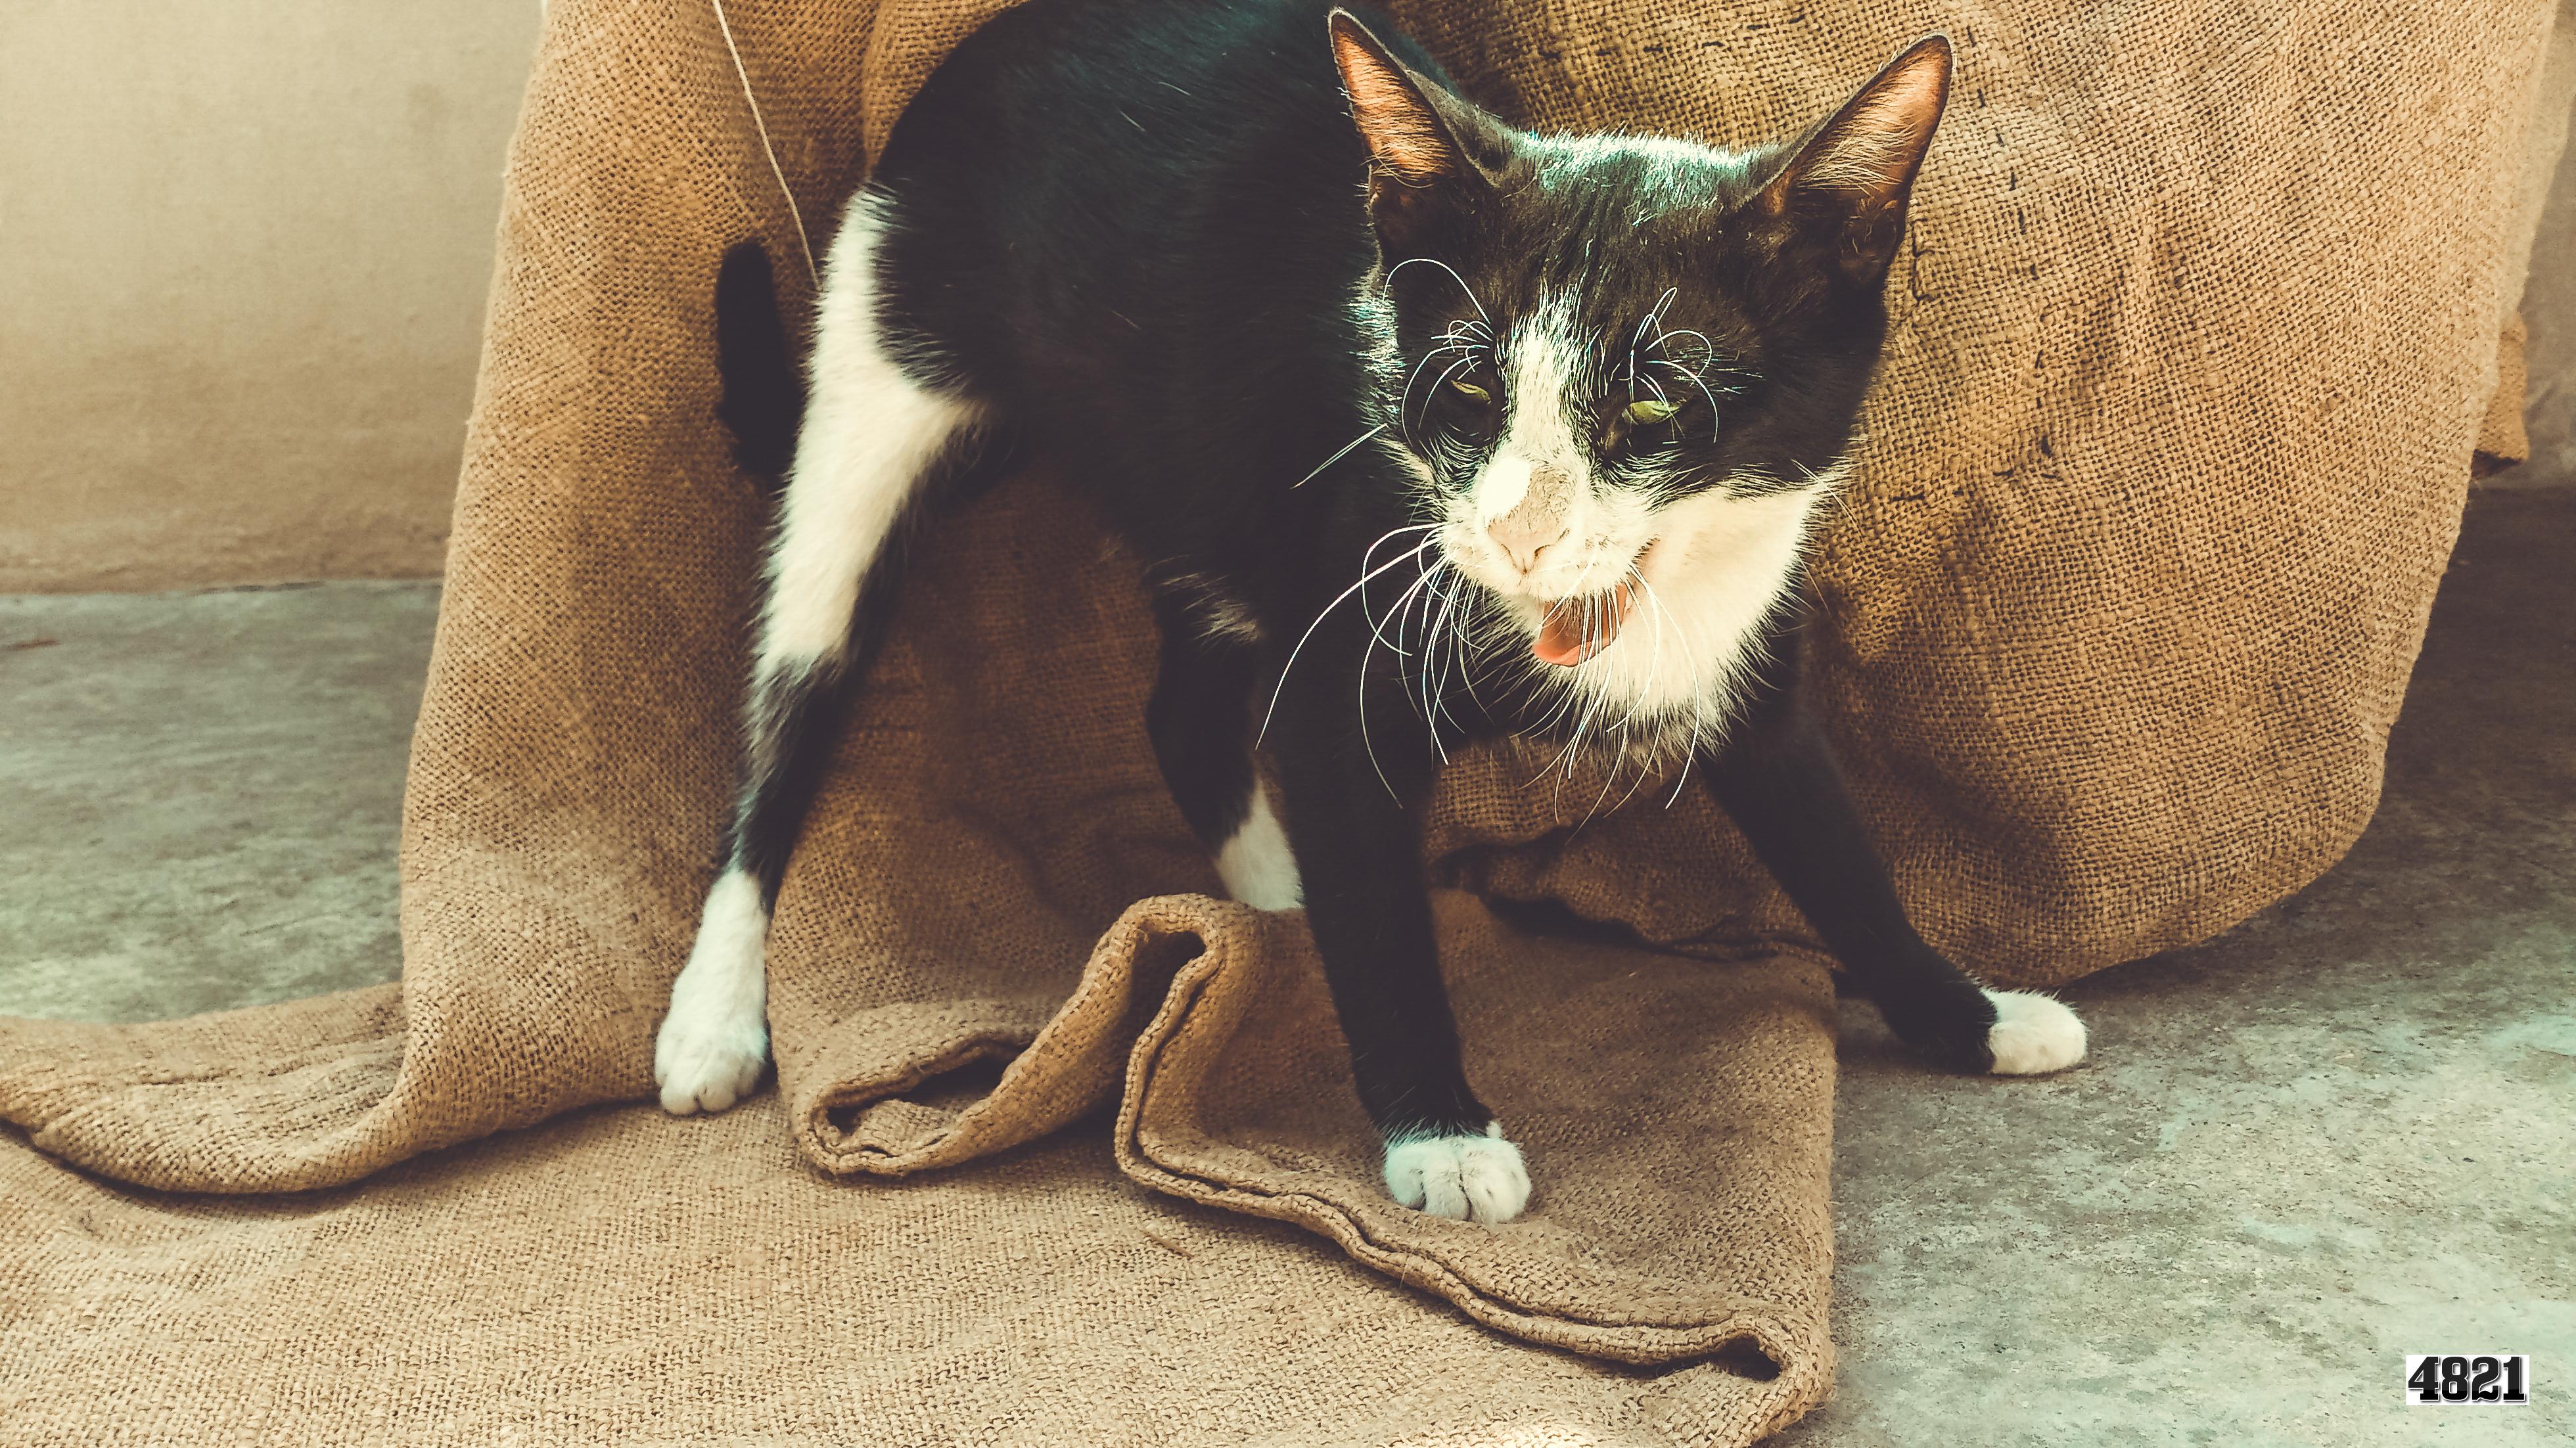 File:Cat kedi pisik svln4821 04.jpg